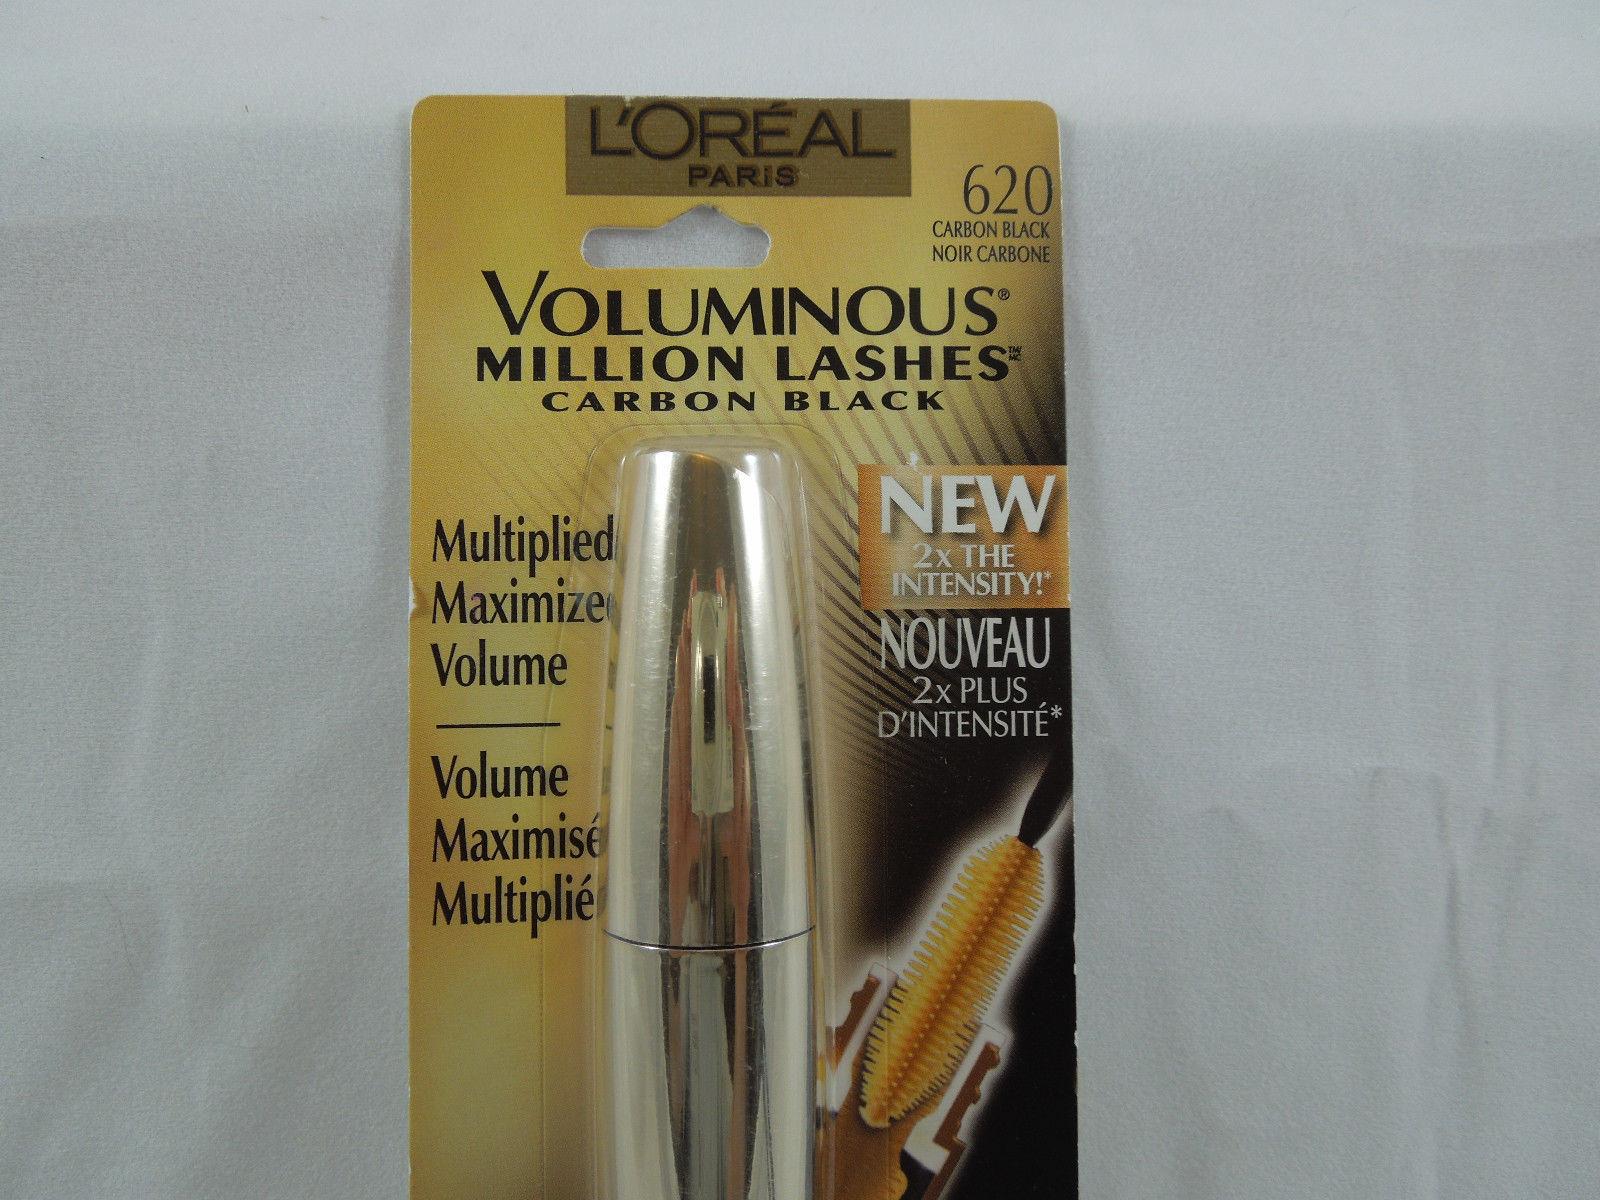 d4ad0a8376f L'Oreal Paris Voluminous Million Lashes Mascara, Carbon Black, 0.3 Fluid  Ounce